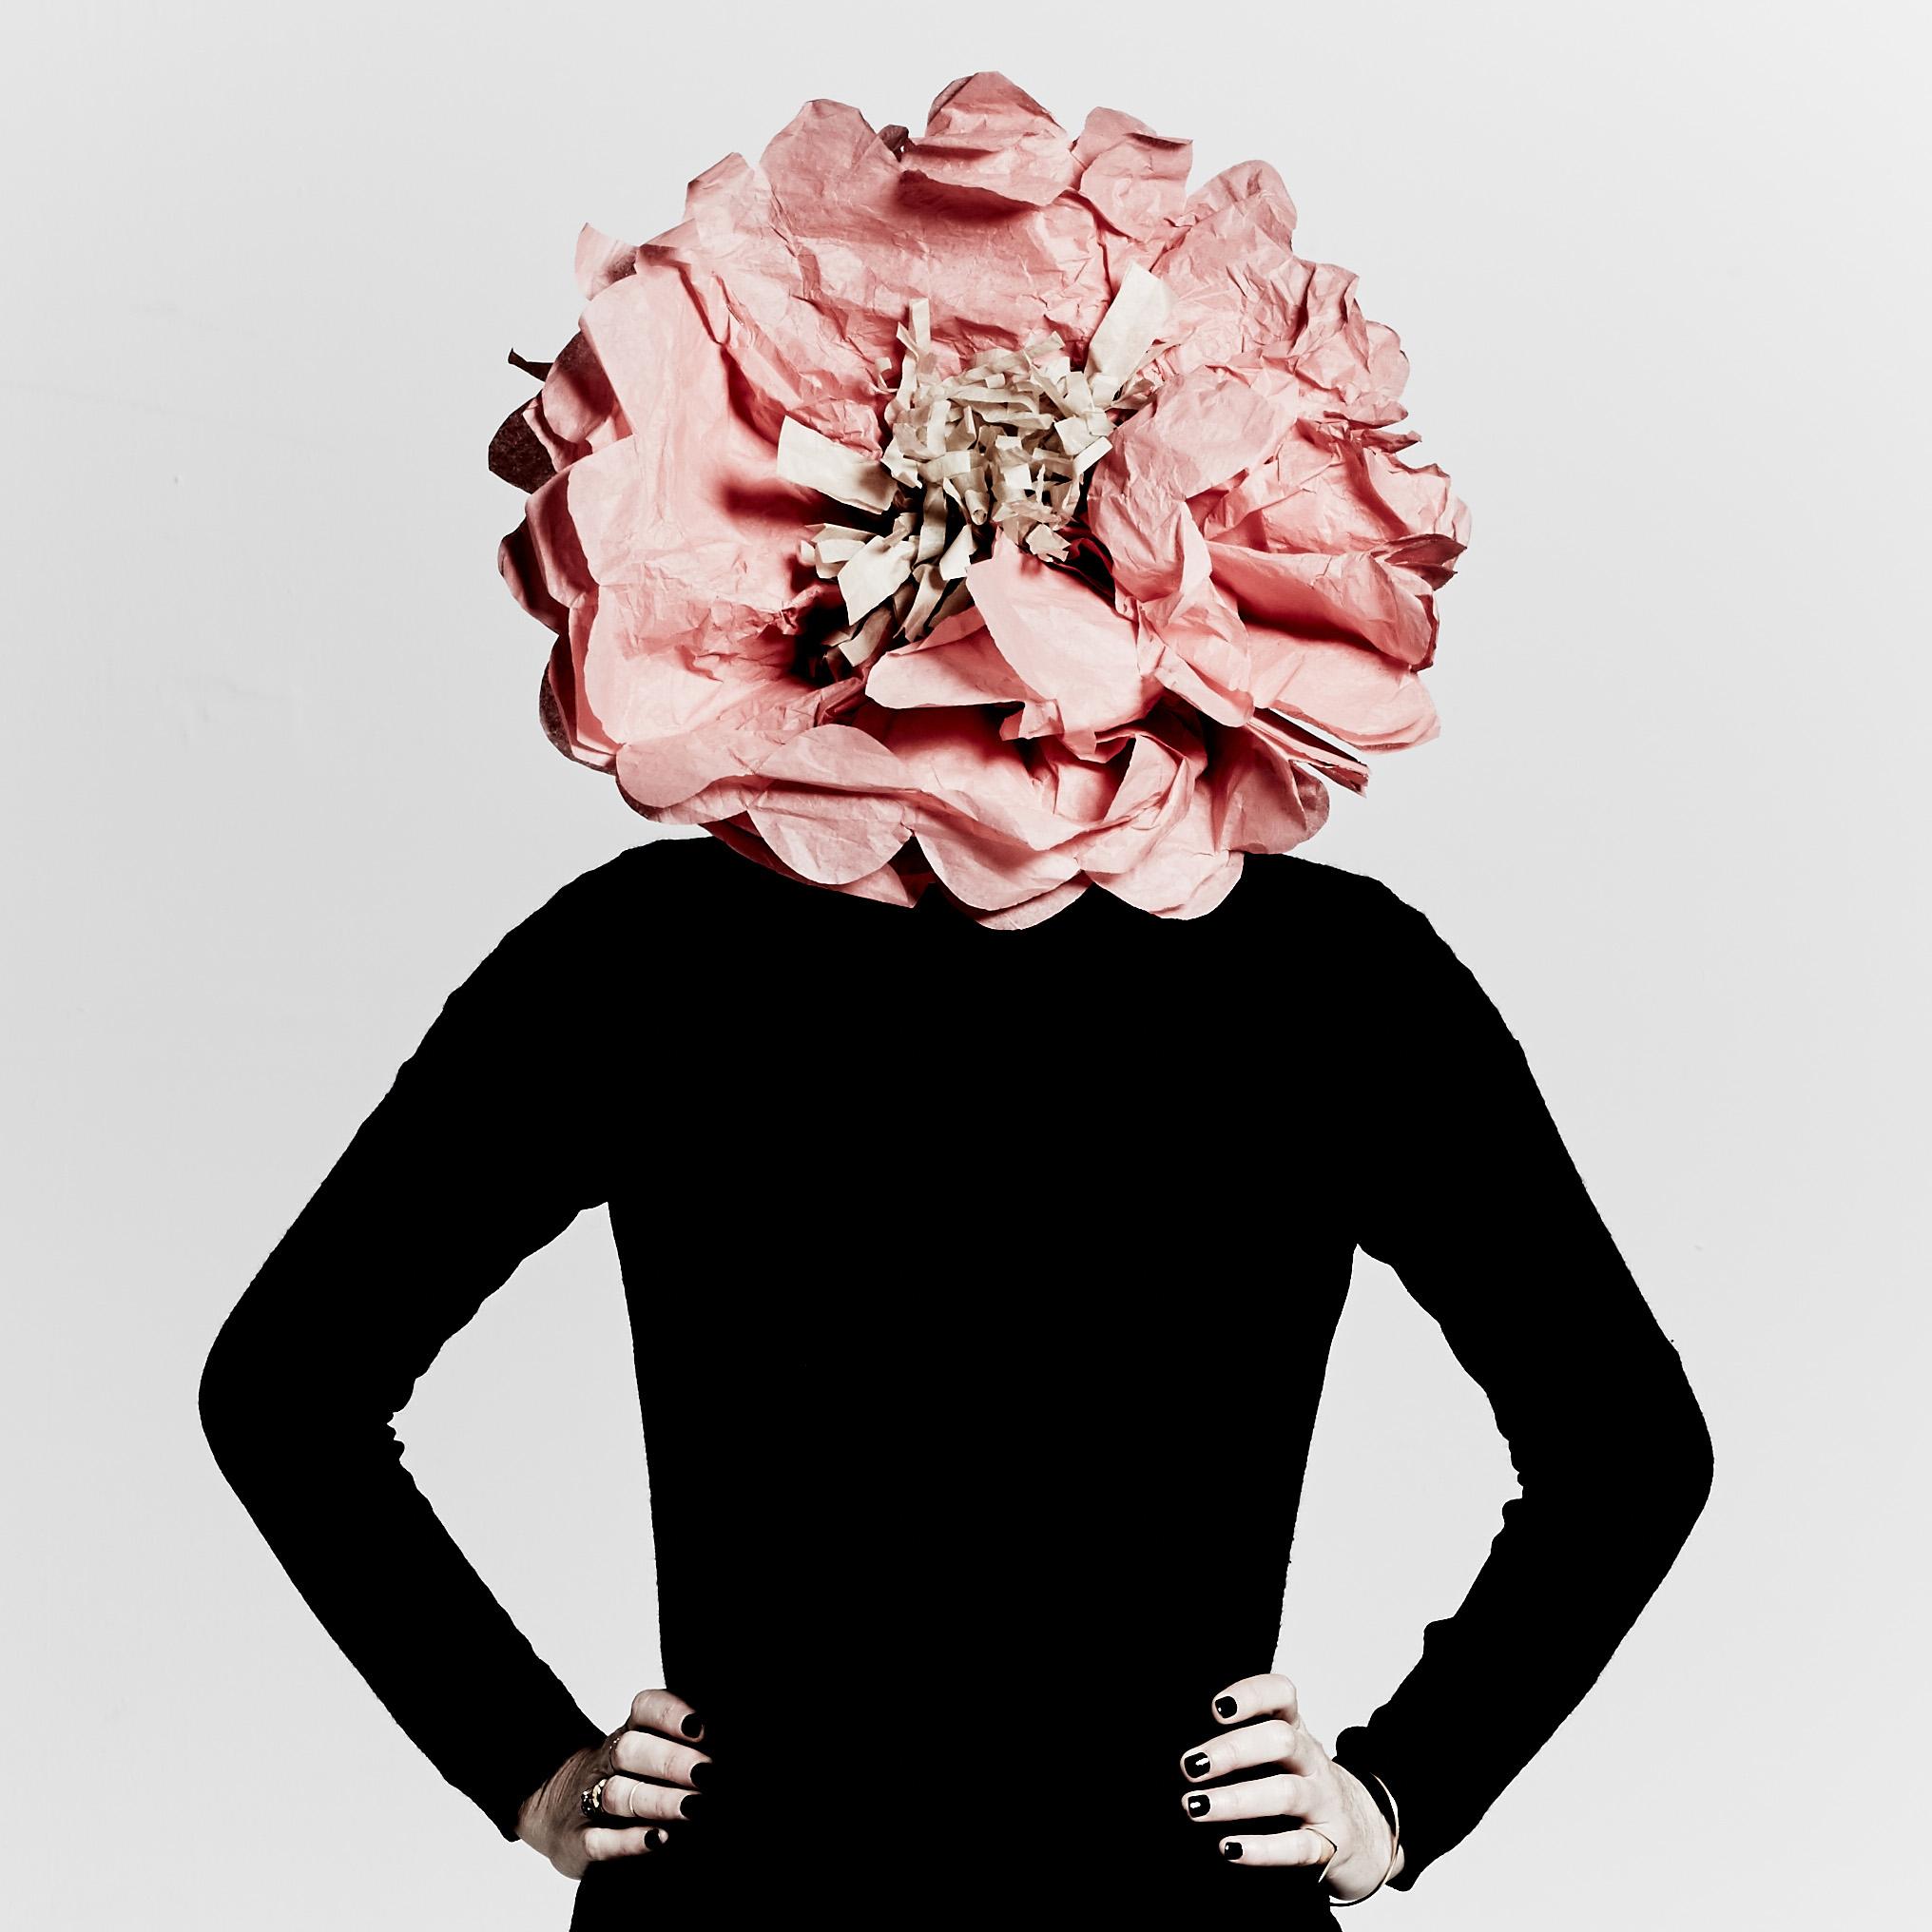 flowerhead12*12.jpg